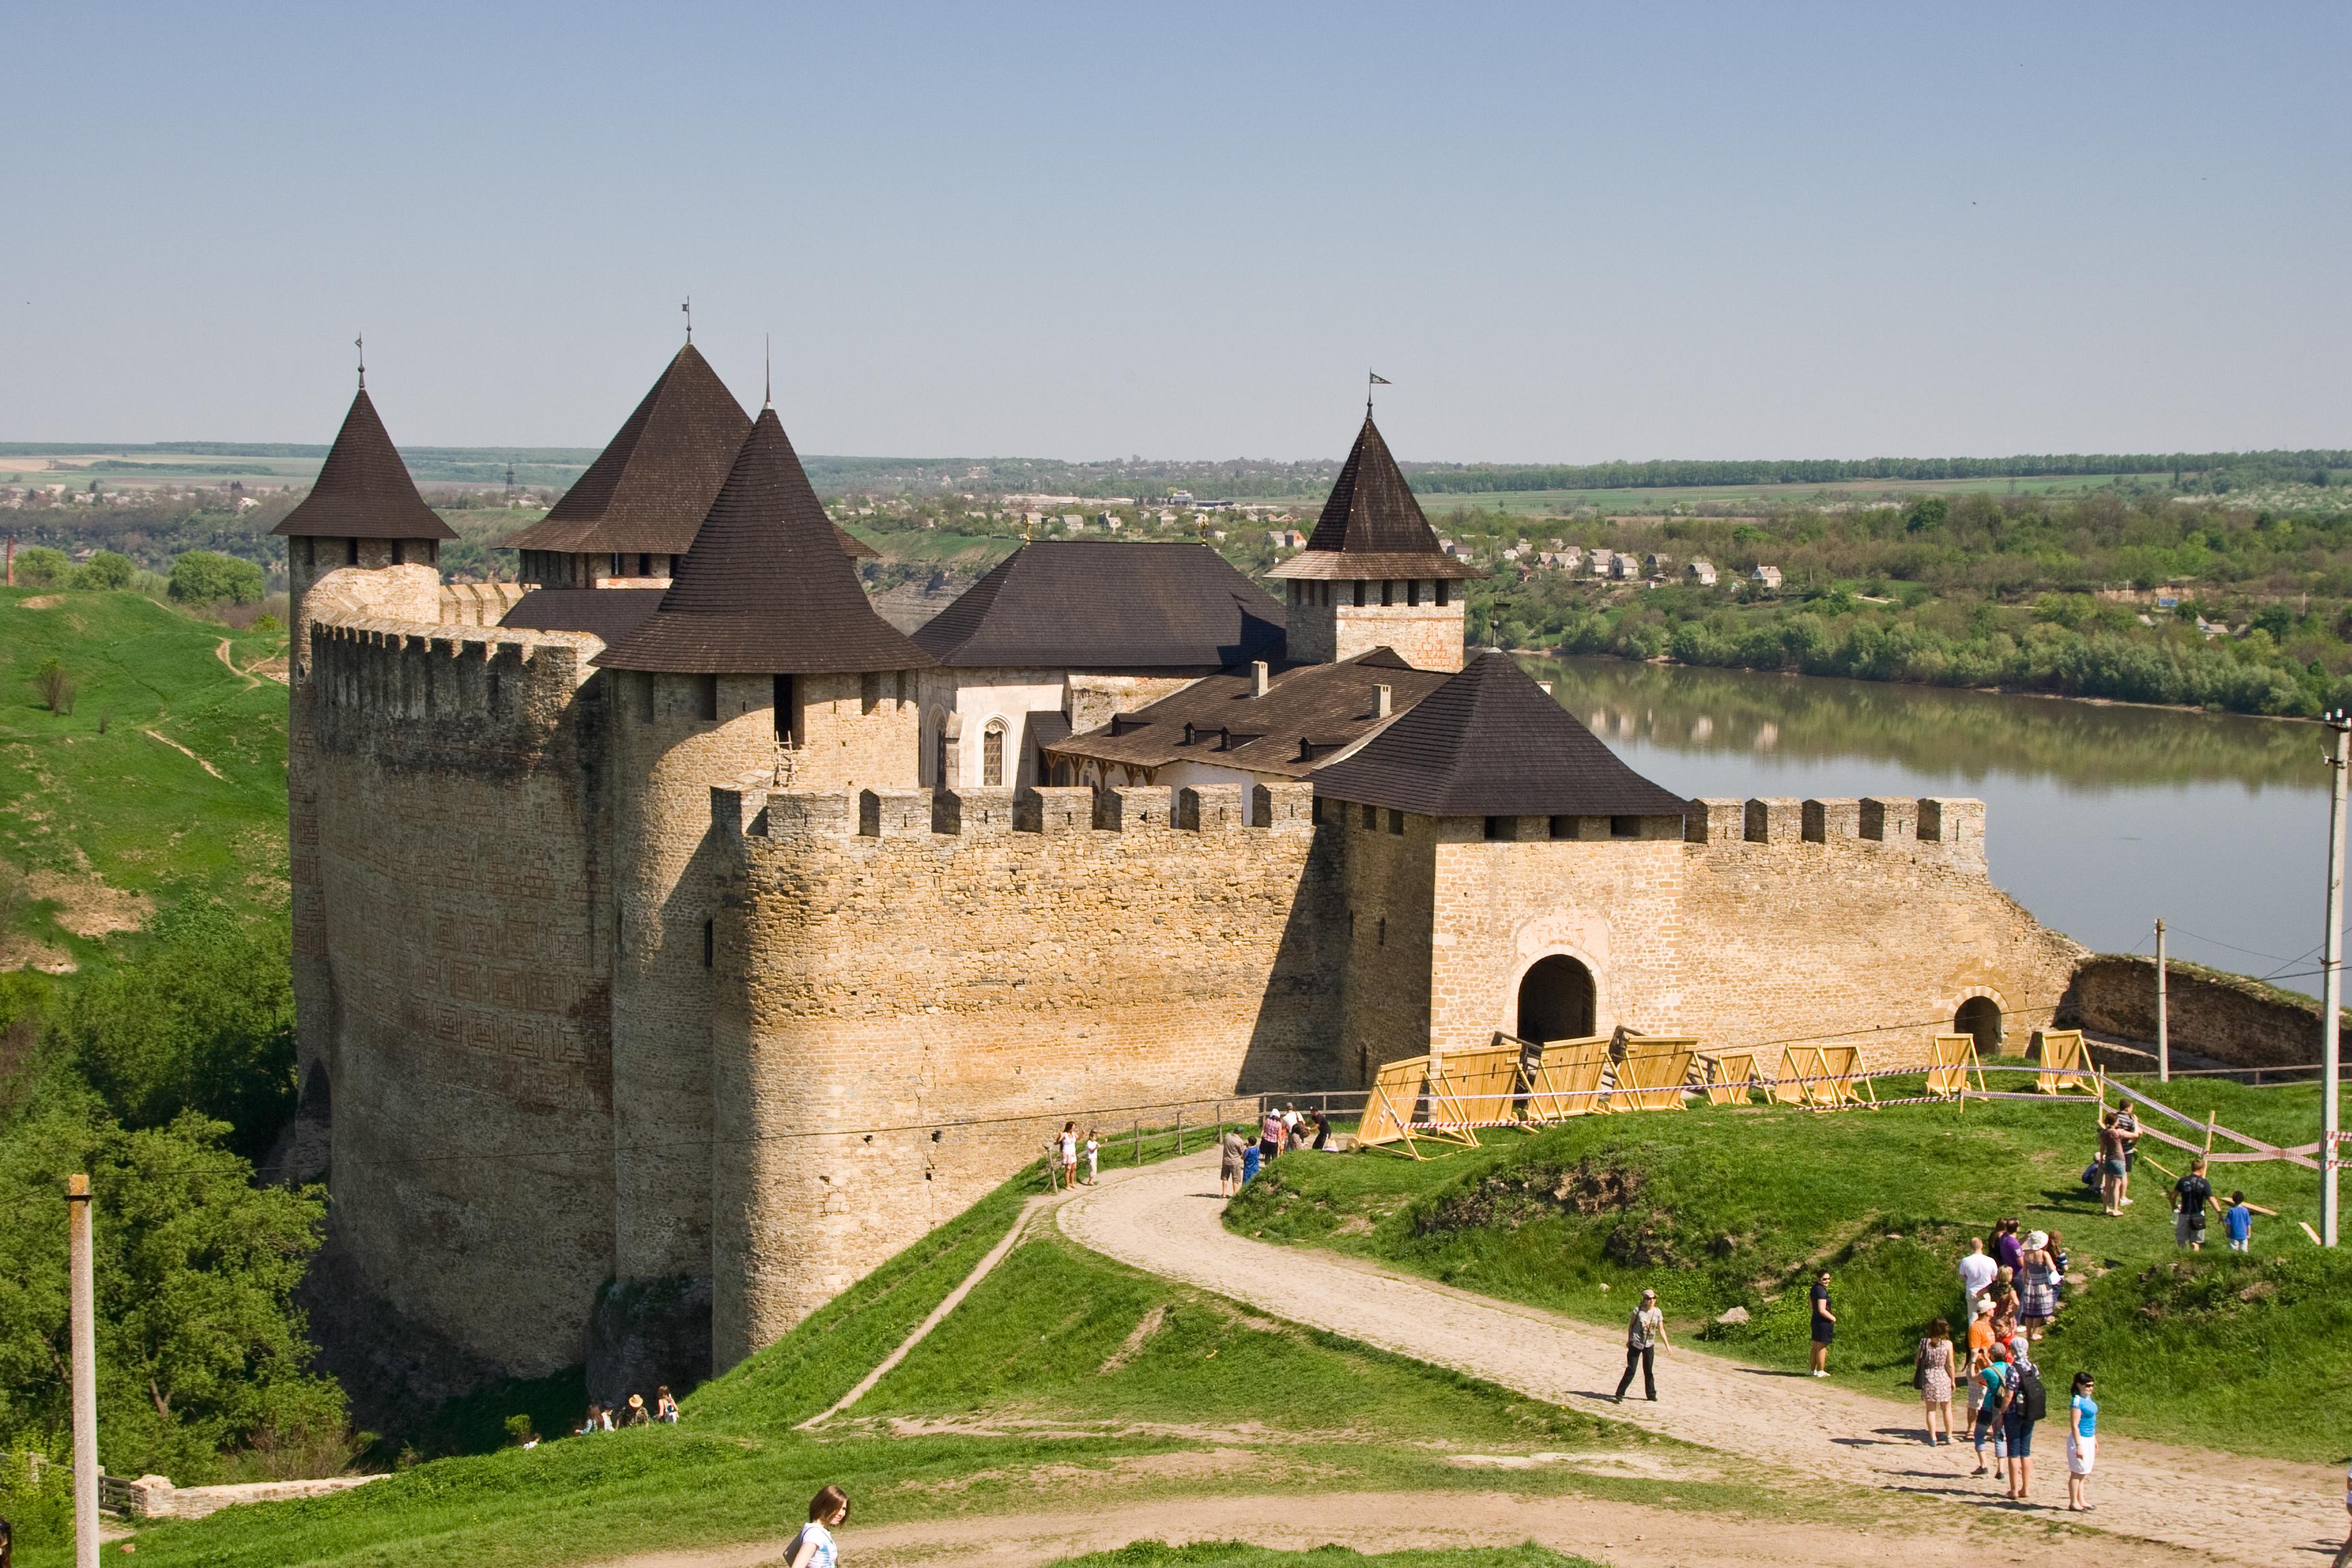 Файл:Хотинська фортеця. Загальний вид.jpg — Вікіпедія